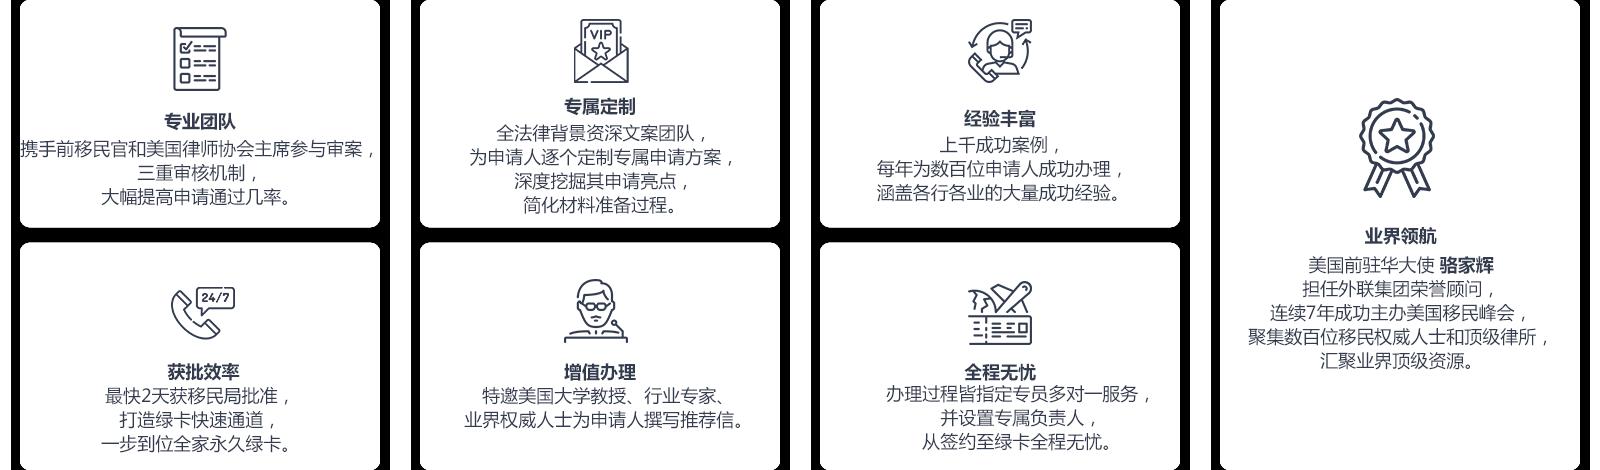 /PWebsite/UEU/P/image/2019/02/20/10/52/09/外联优势.png